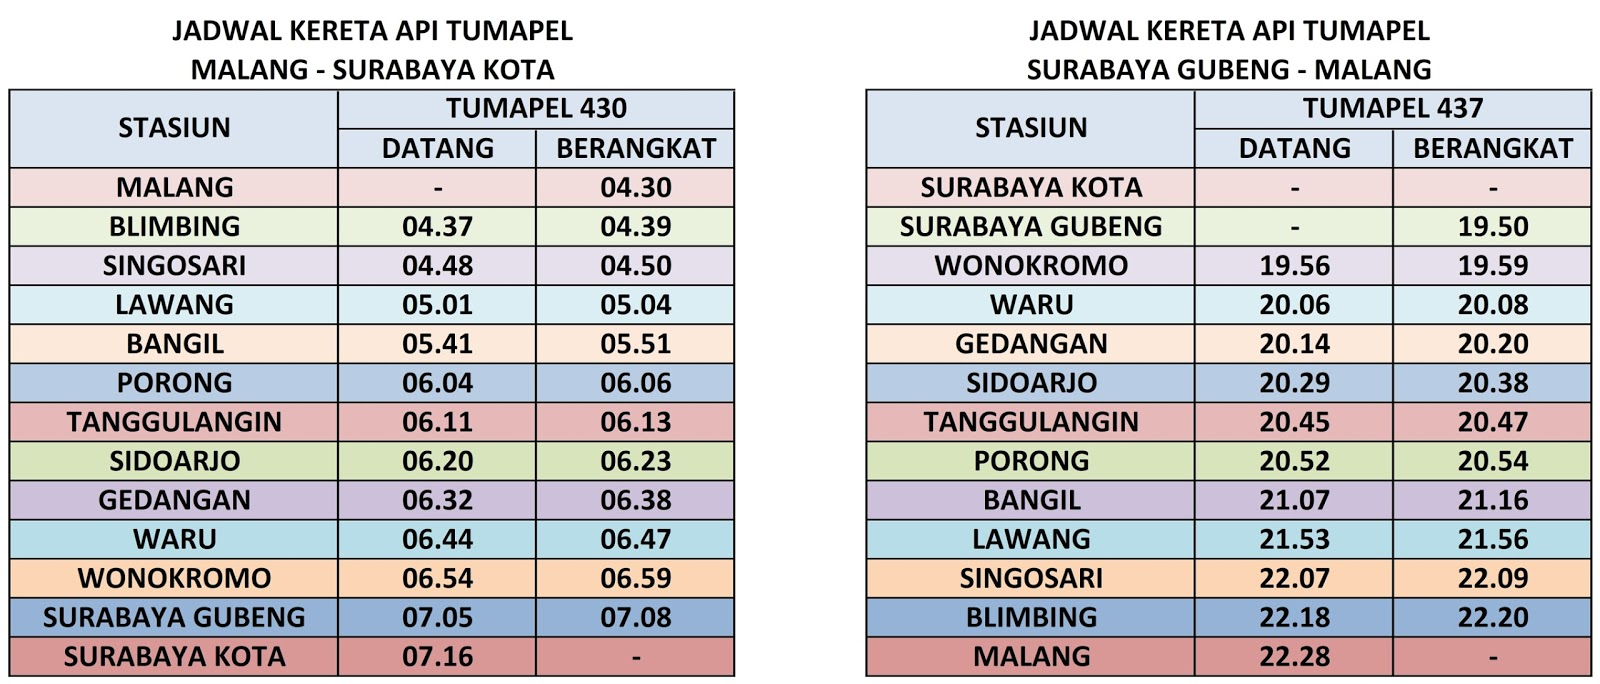 Jadwal Kereta Api Tumapel Malang Surabaya Pp